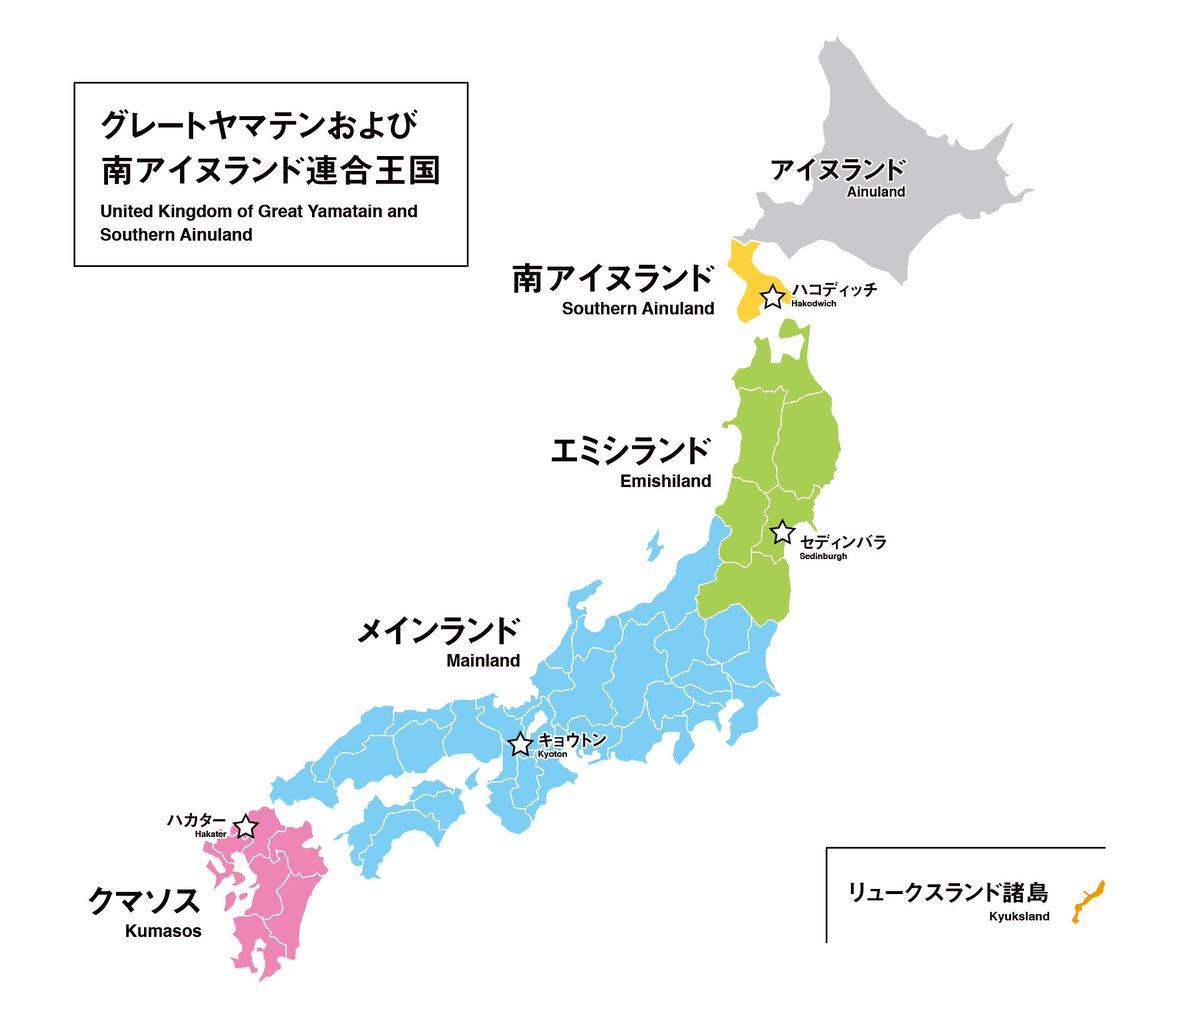 日本をイギリス風にしてみた。